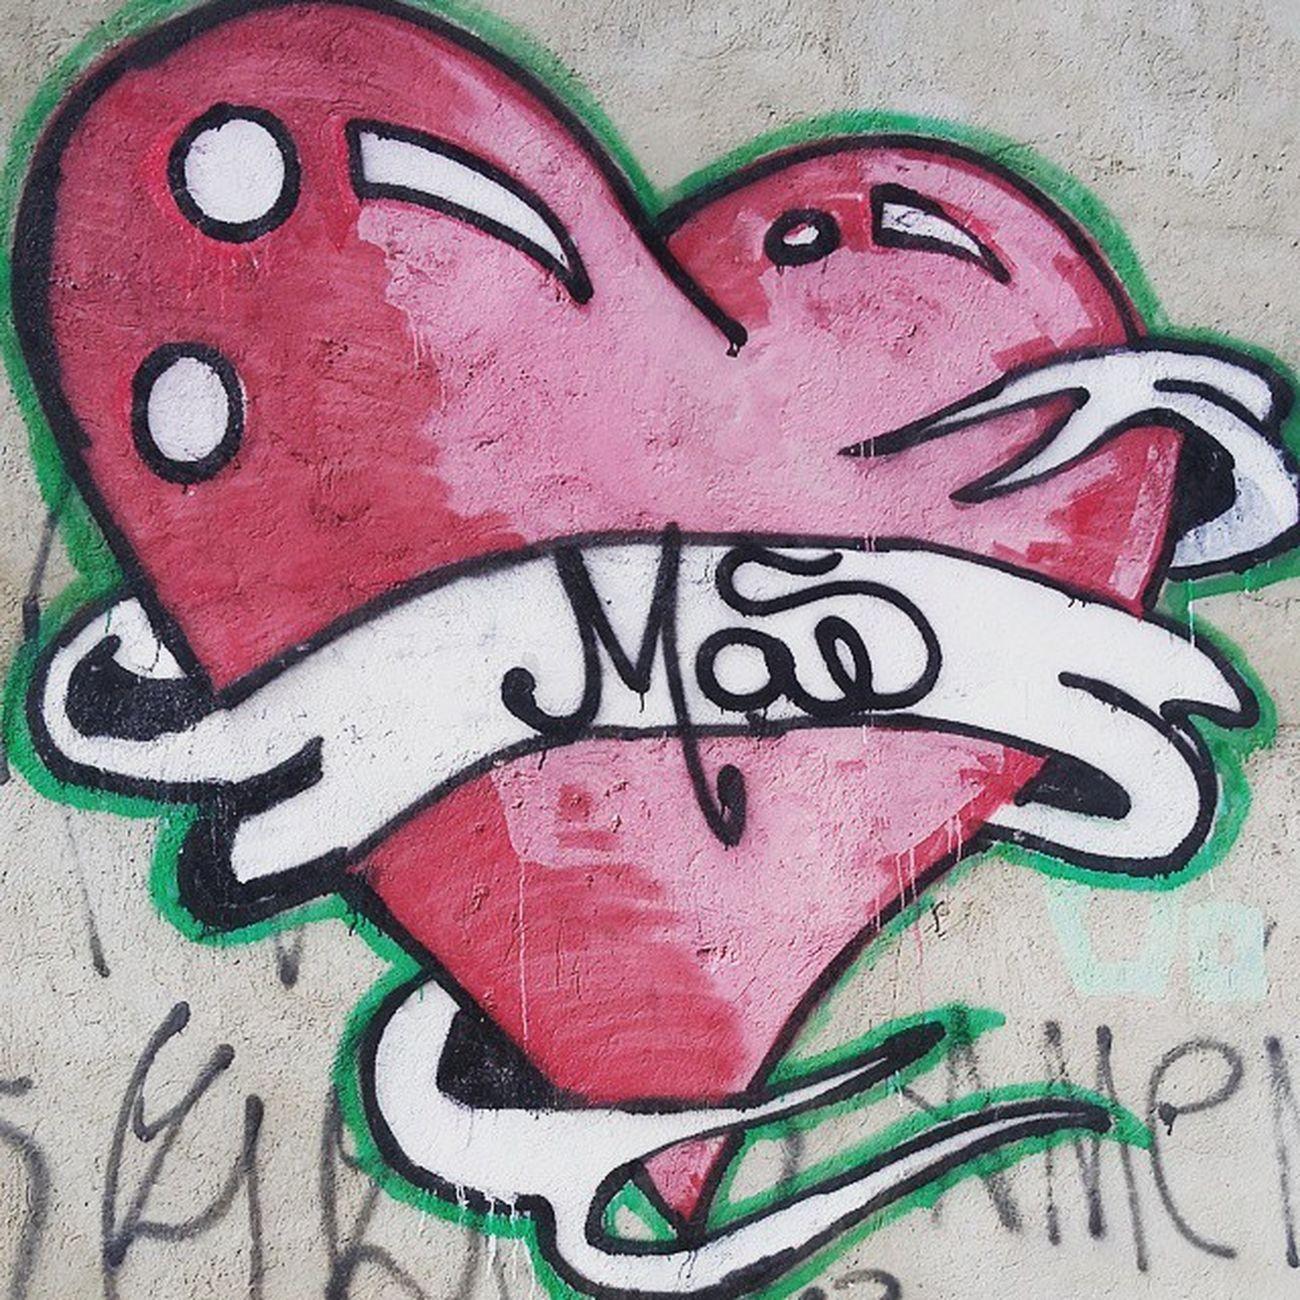 Mto bacana as pinturas descendo a rua da minha casa, homenagem à mãe ♡ Mom Mother Mamãe Amormaior